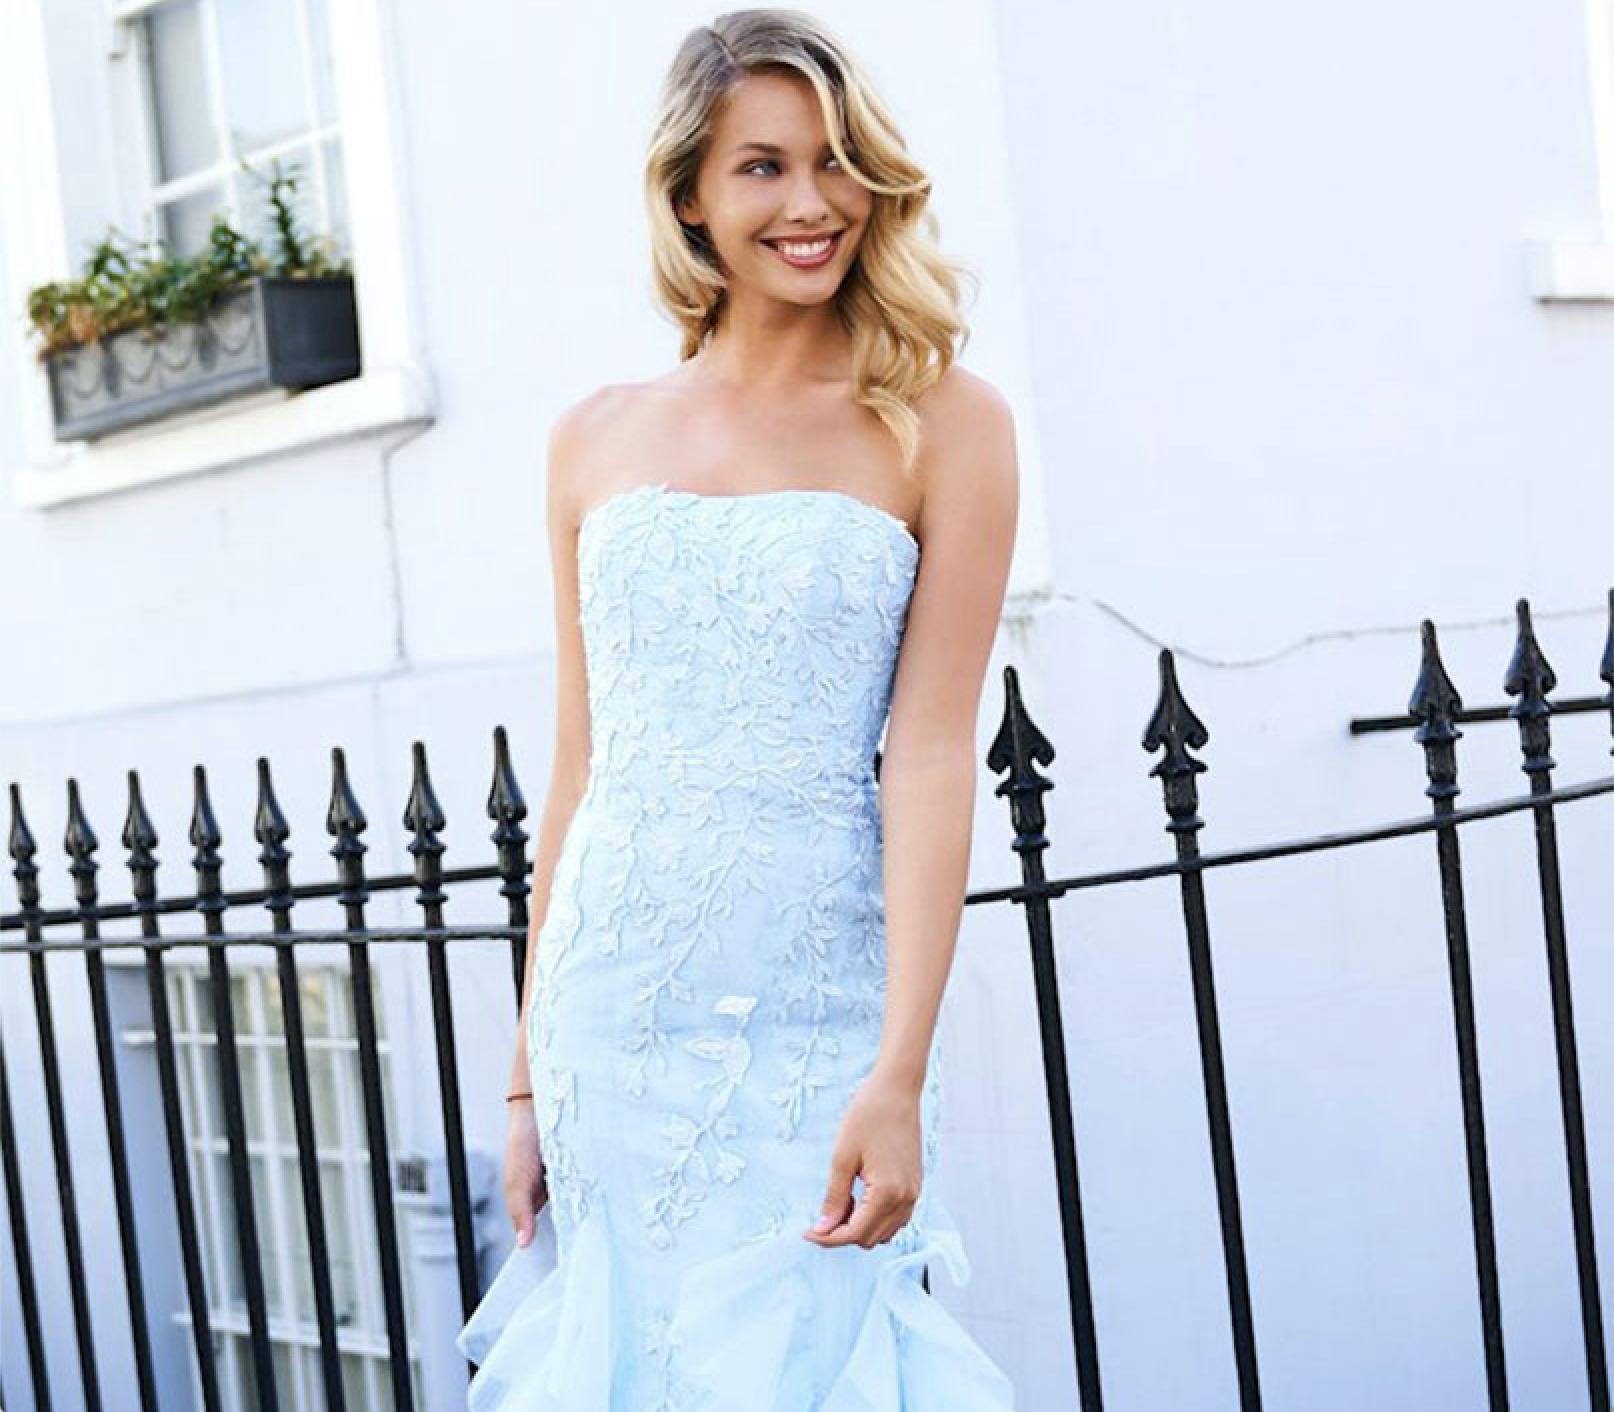 Model wearing a blue Sherri Hill Dress